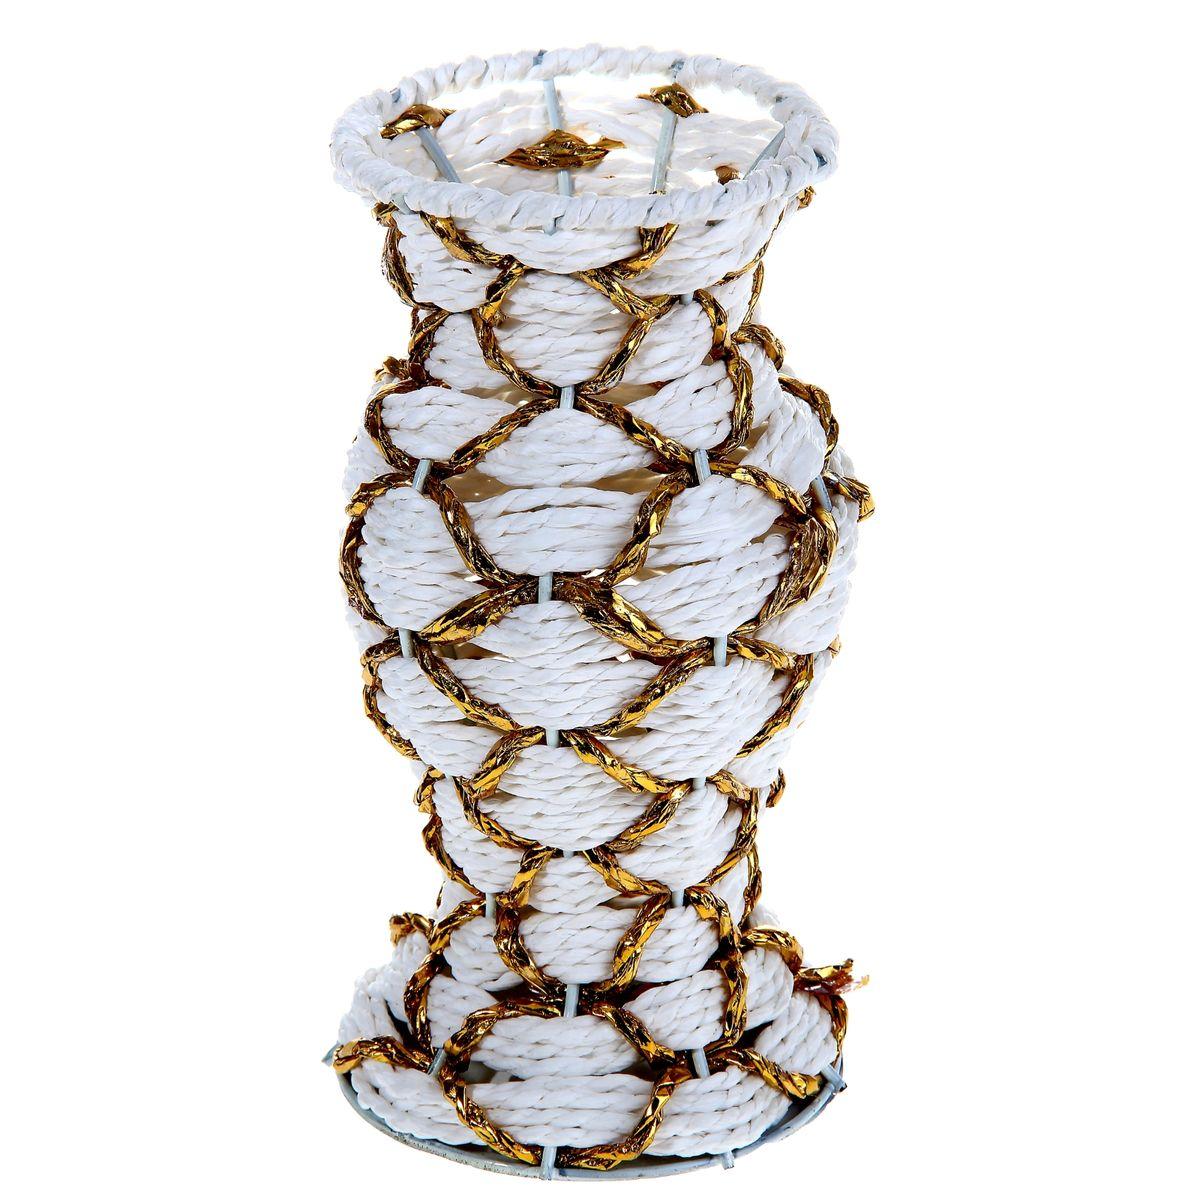 Ваза плетеная Sima-land Соты, высота 19,5 см ваза sima land серебряная роза высота 18 см page 1